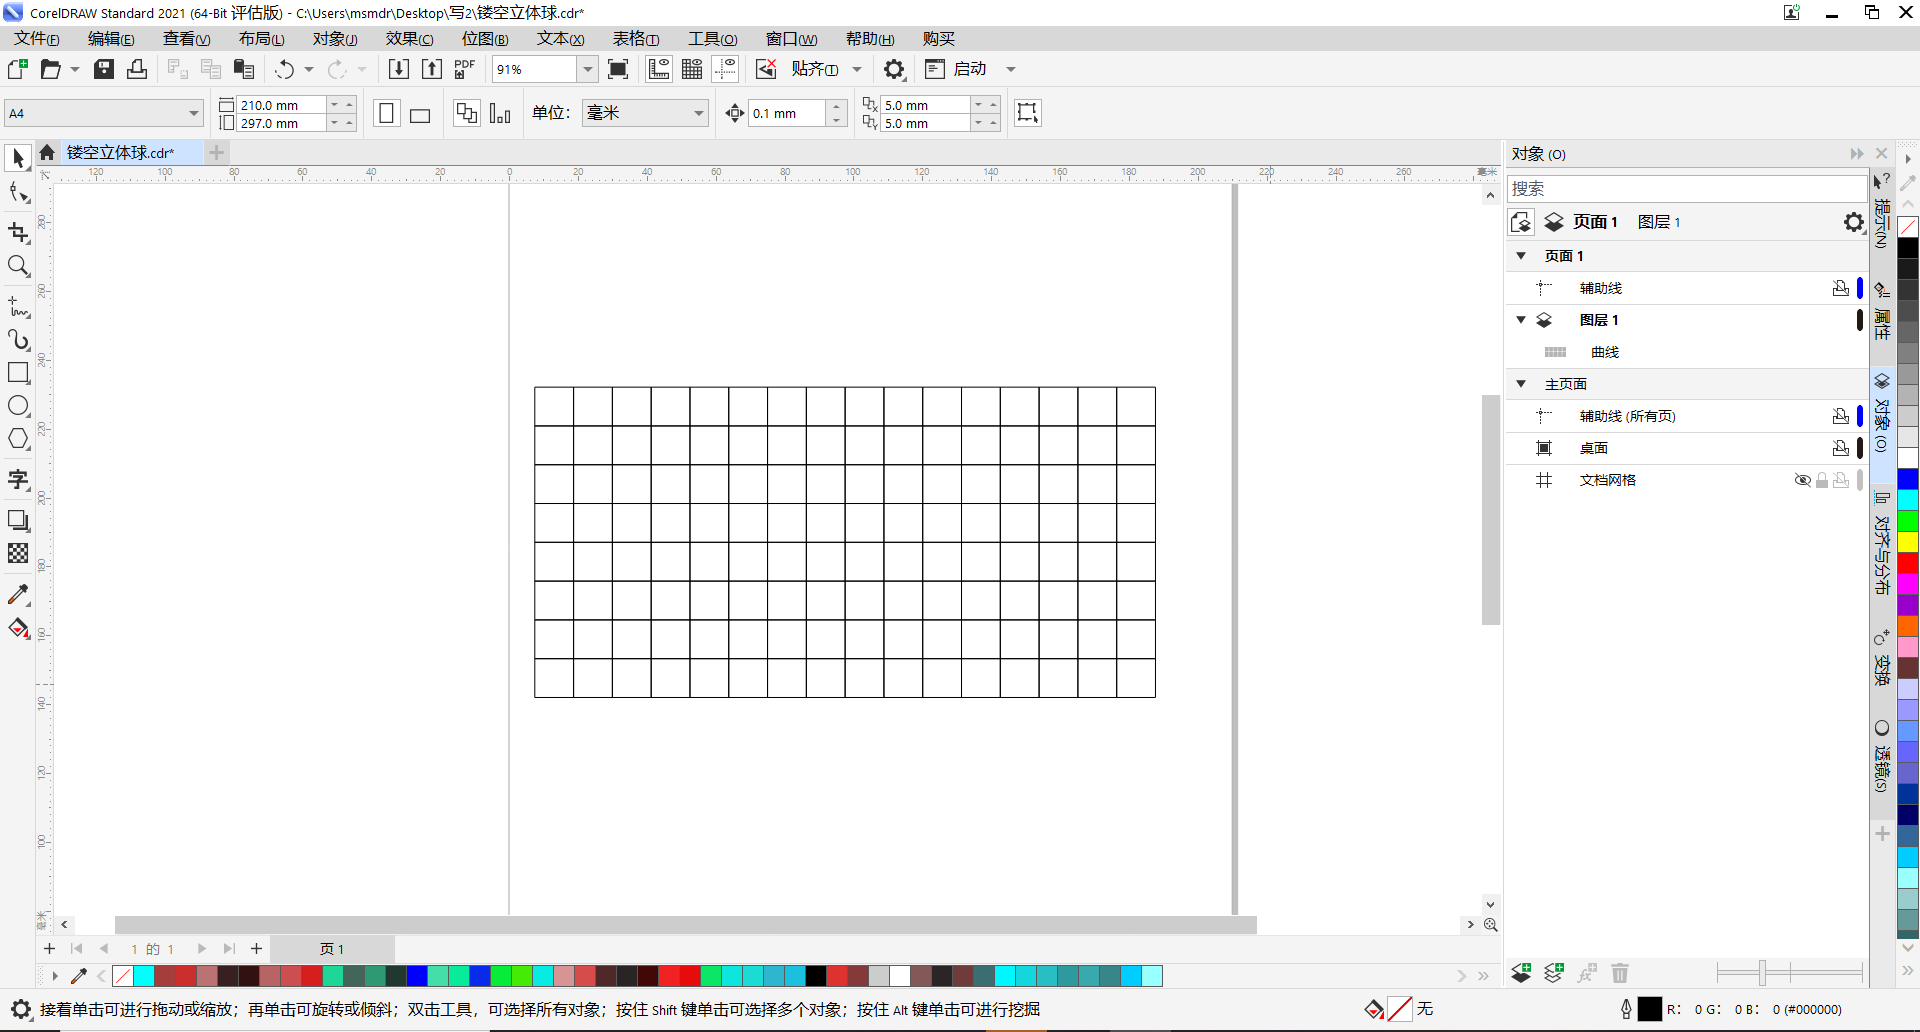 图1:排列大矩形